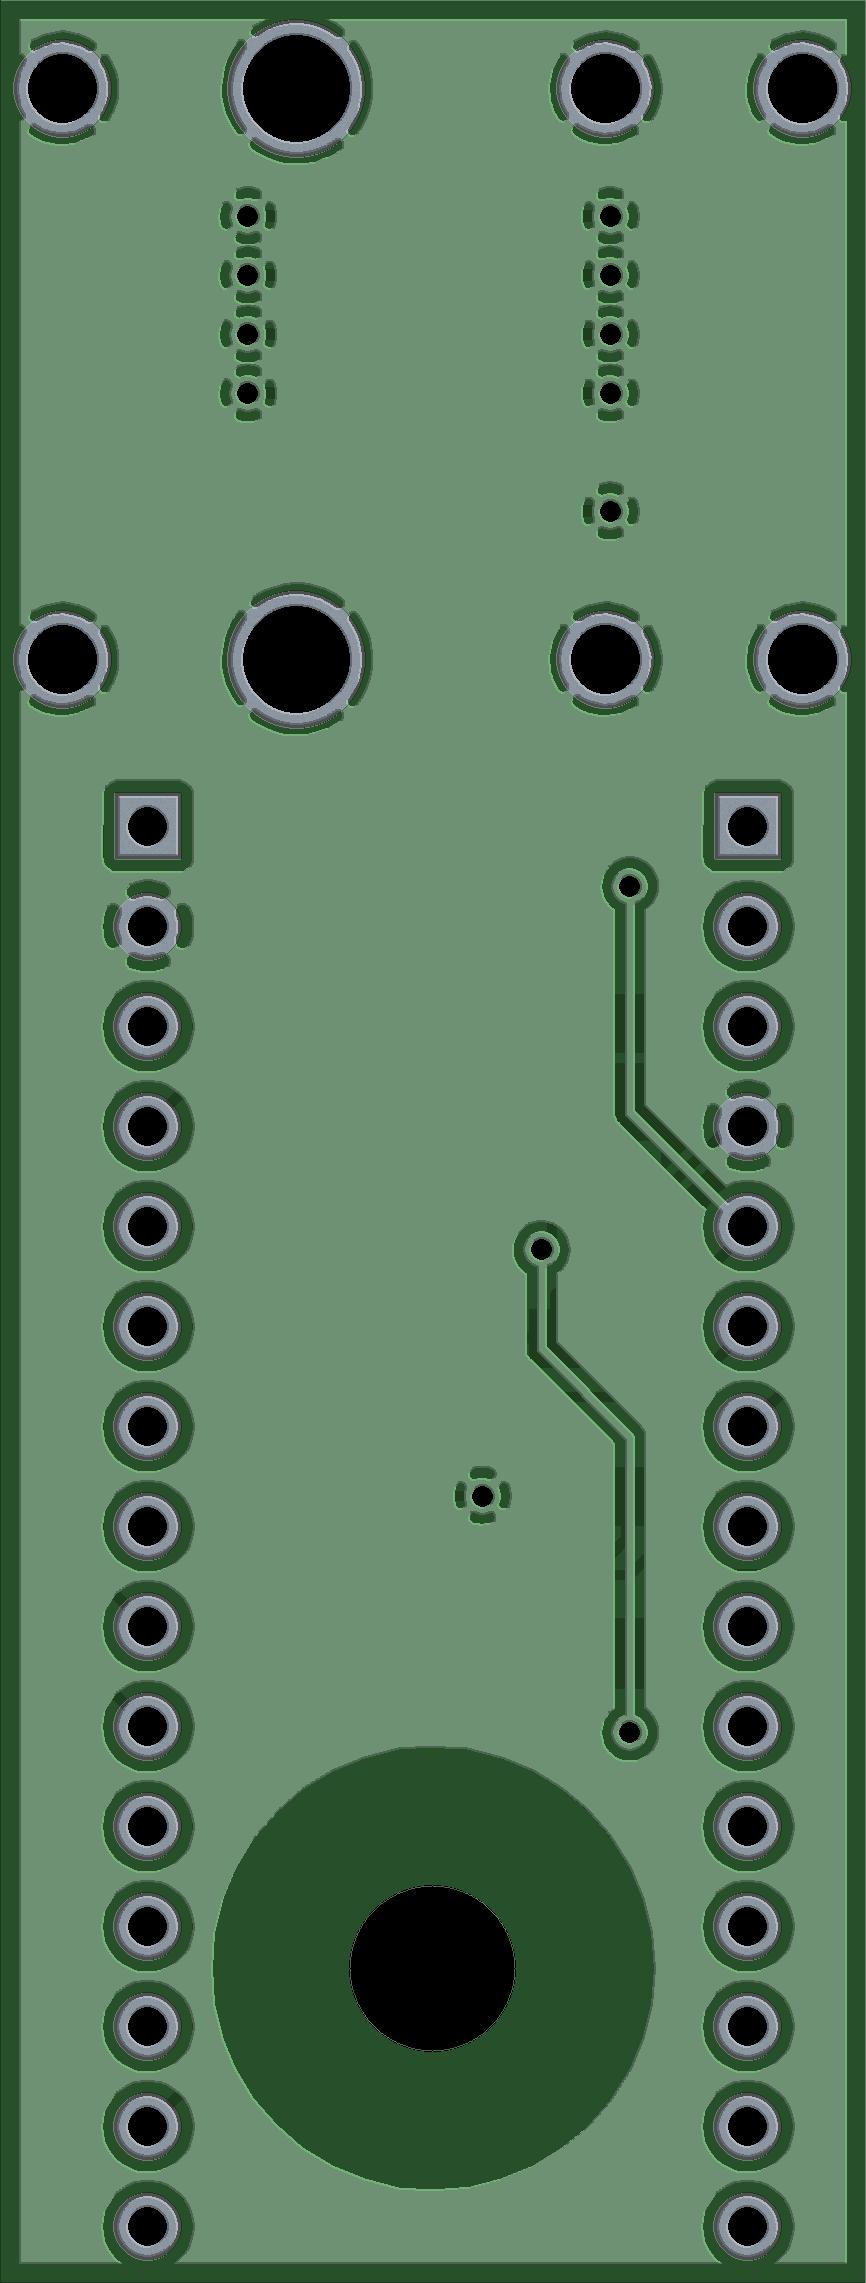 Gedasymbols arduino hdmi cec